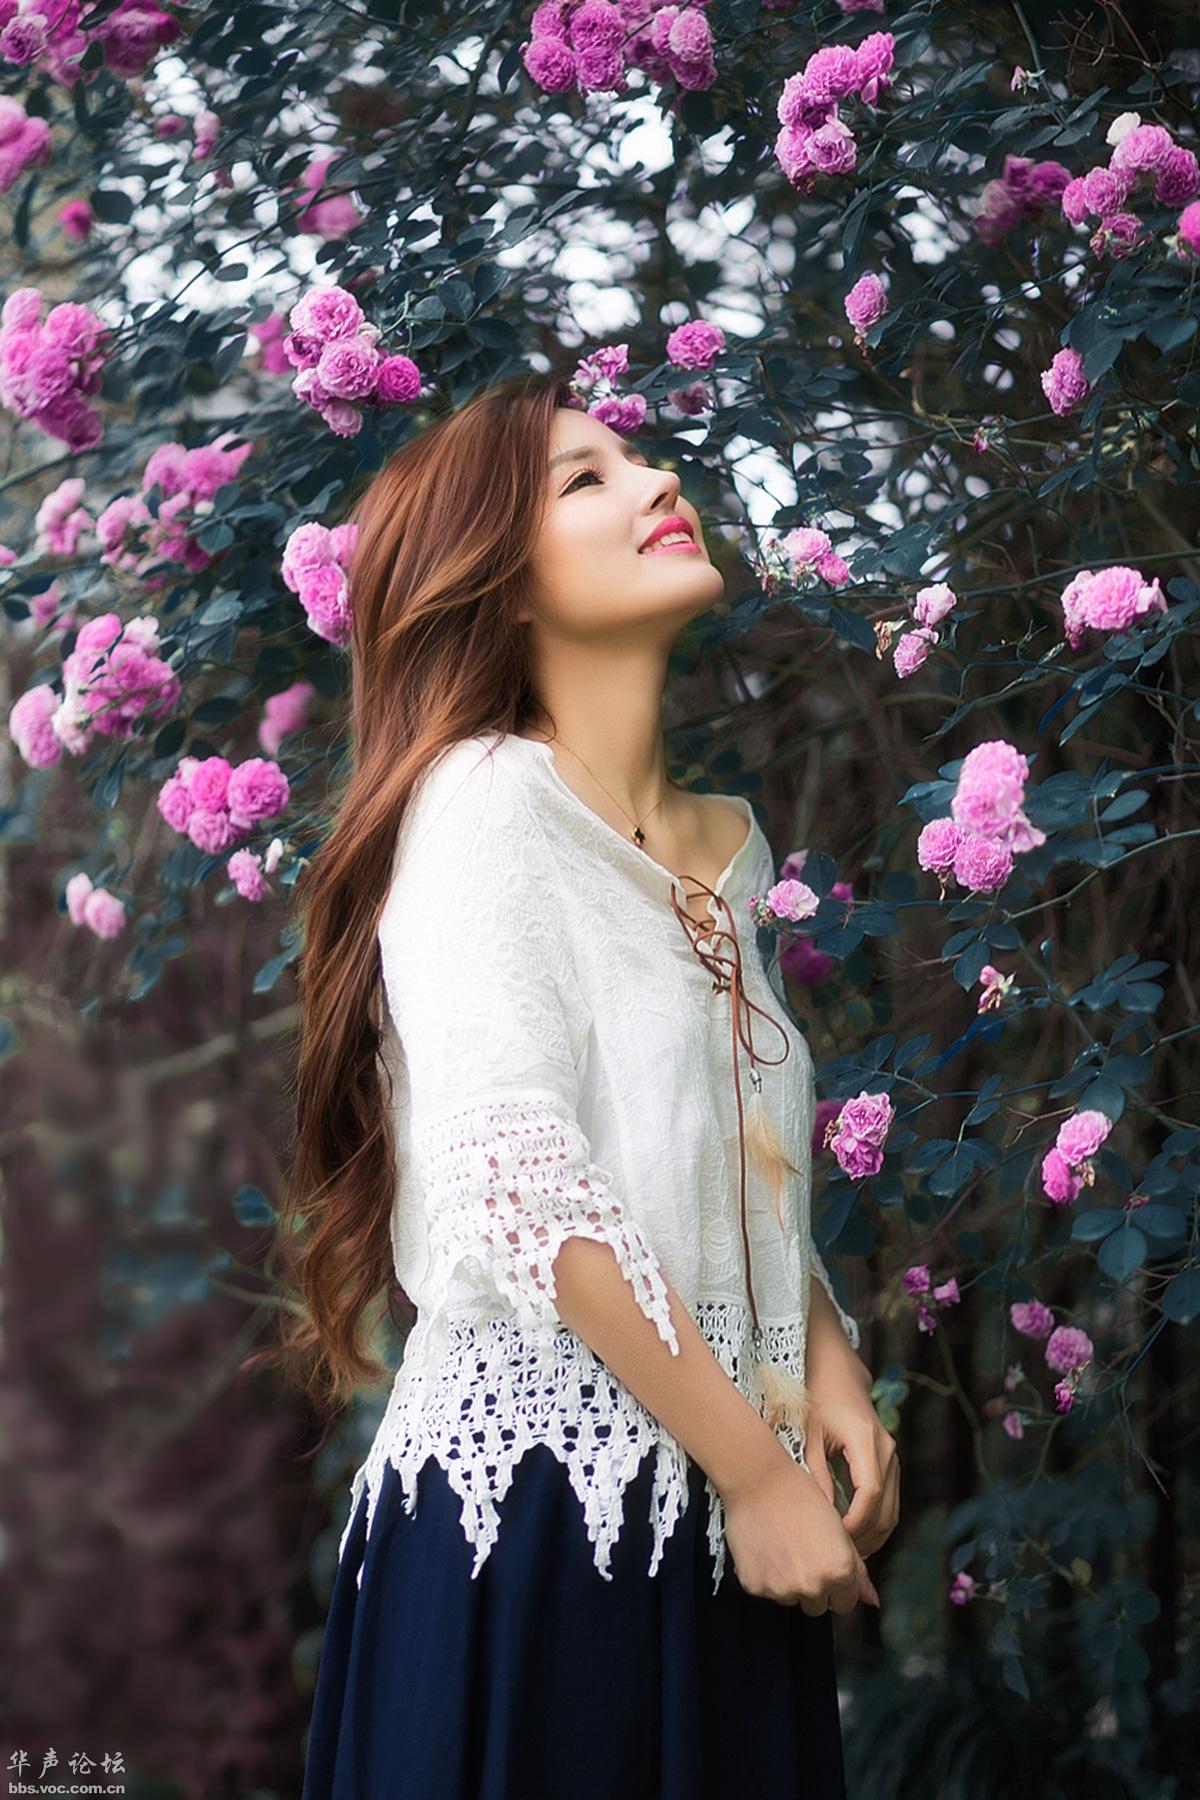 文字里的遇见 泛着幽香【花仙子情感美文】 - 花仙子 - 花仙子的博客.